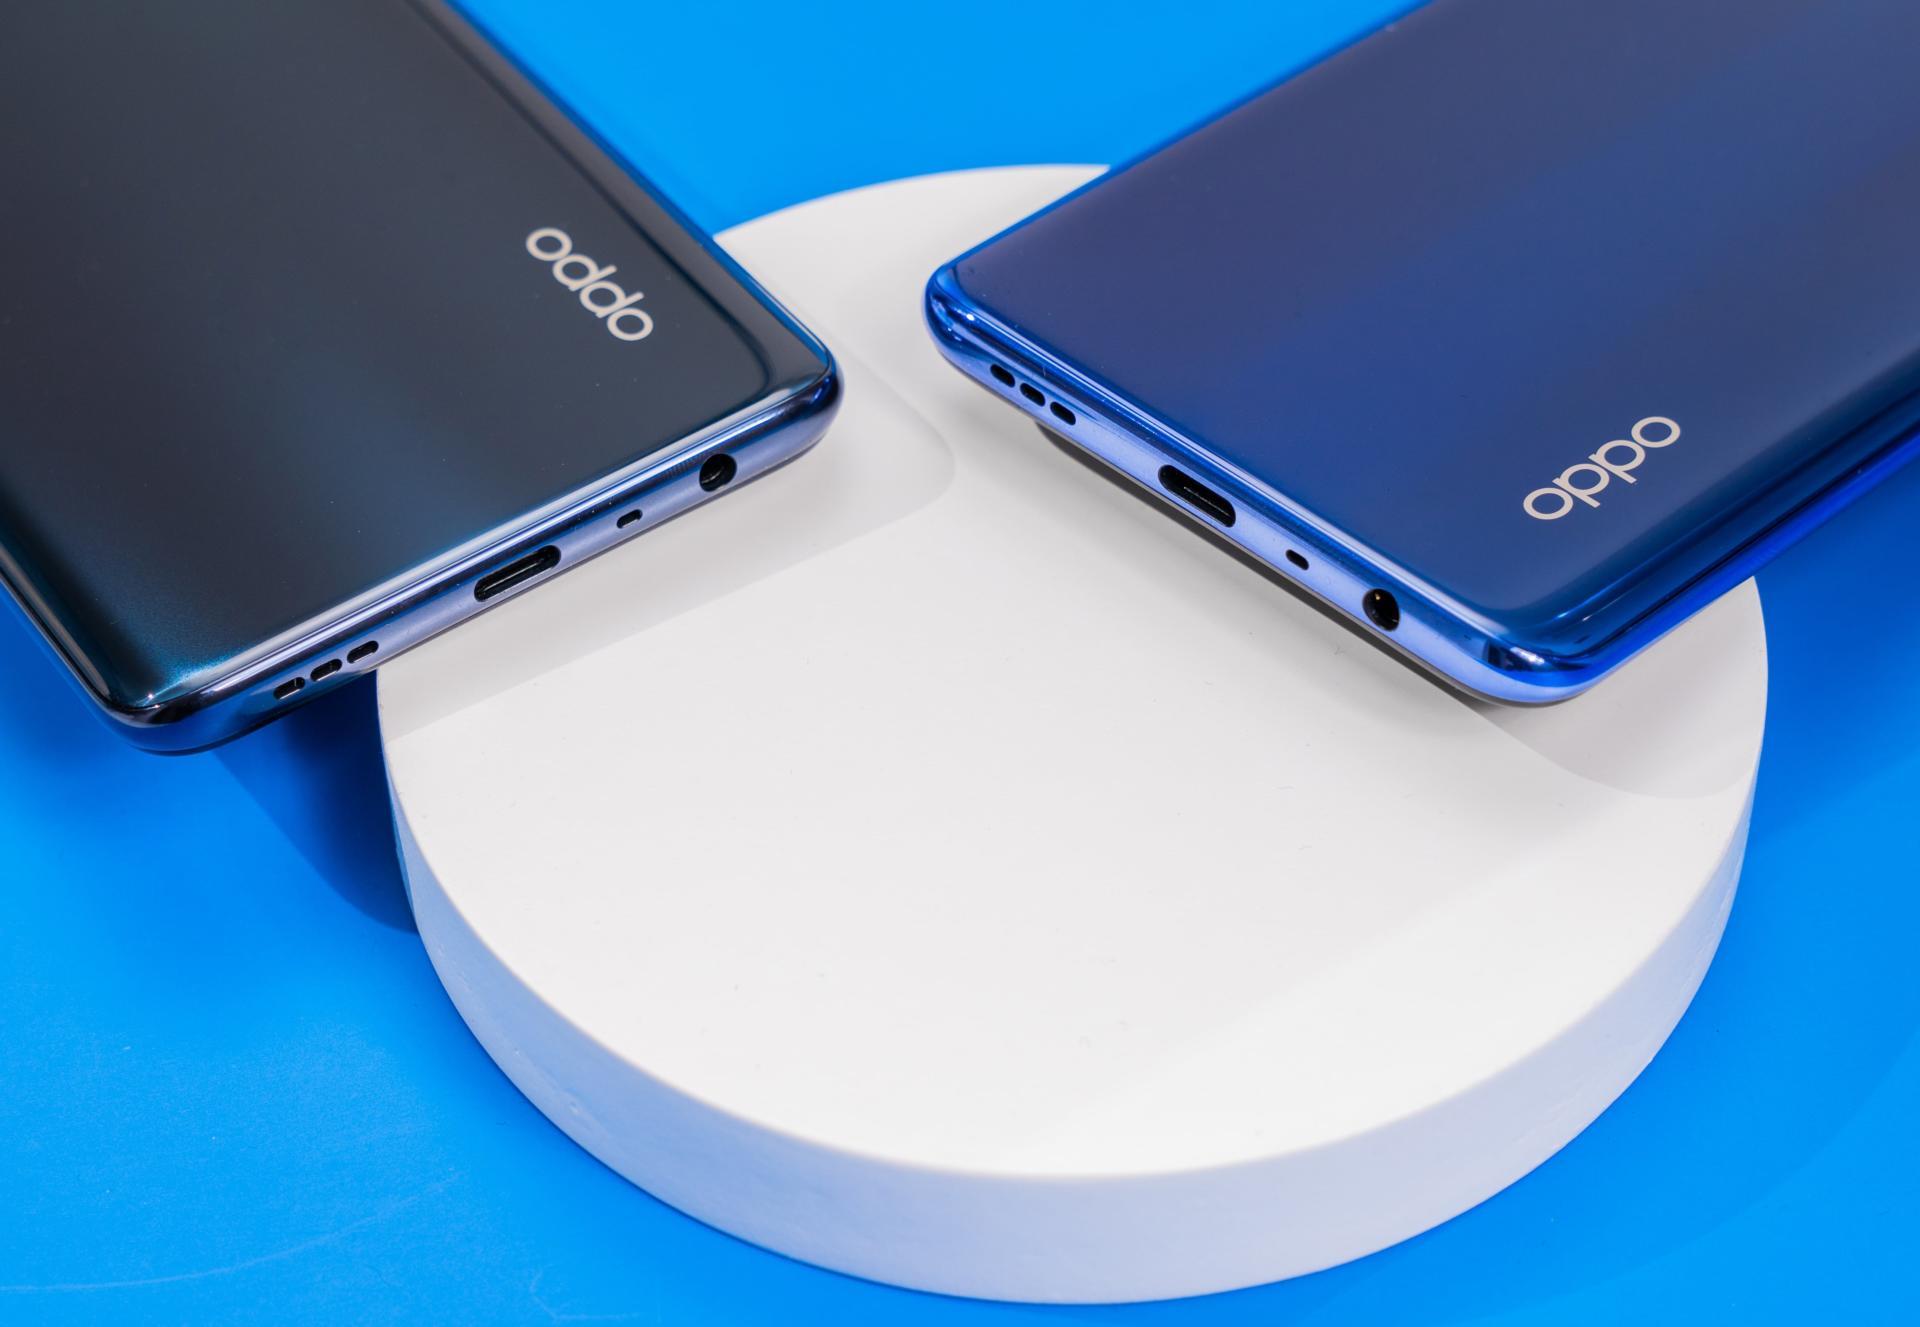 OPPO A74 lên kệ giá 6,7 triệu, nổi bật với dung lượng pin lớn và sạc siêu nhanh